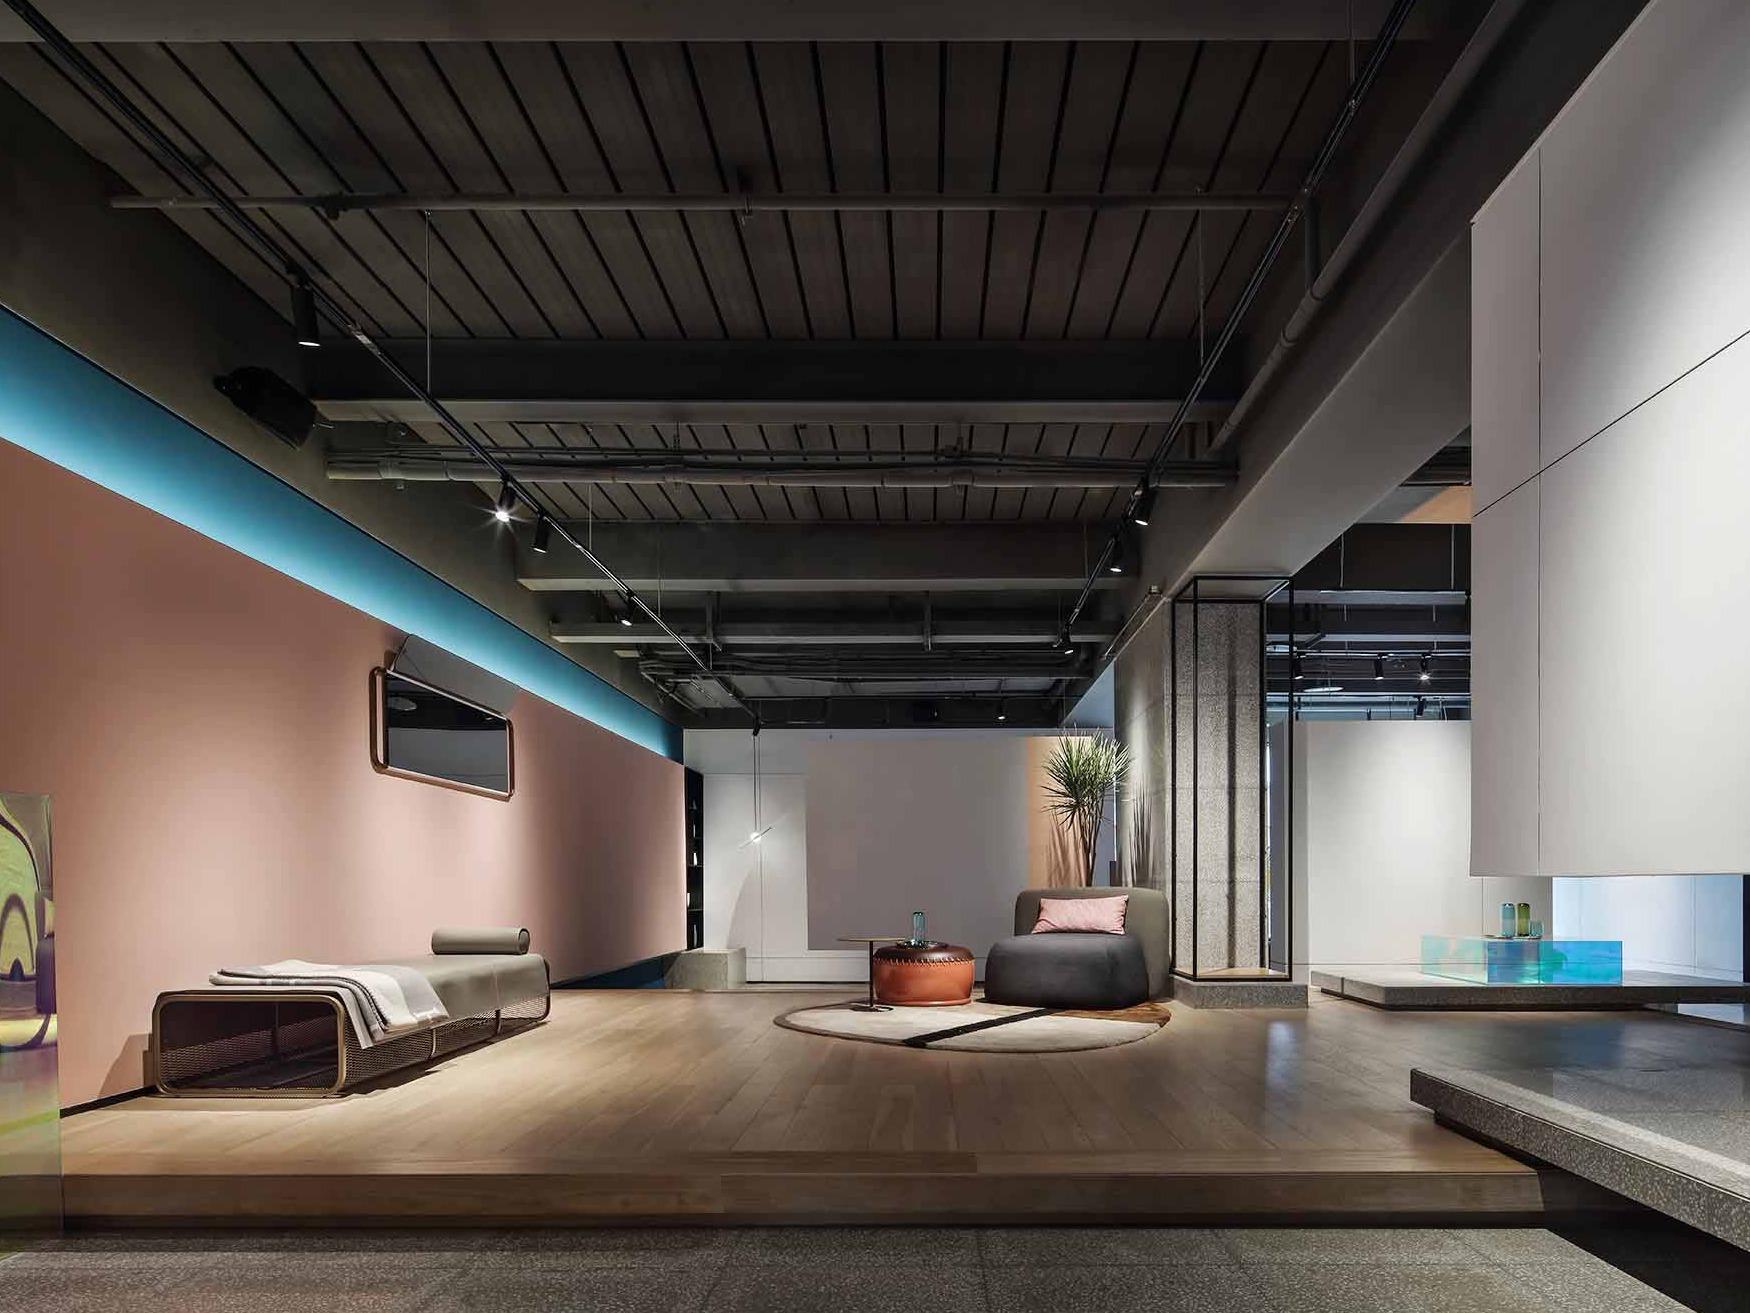 通过色彩与空间的搭配,激发消费欲望 — 重庆山丘上的买手店